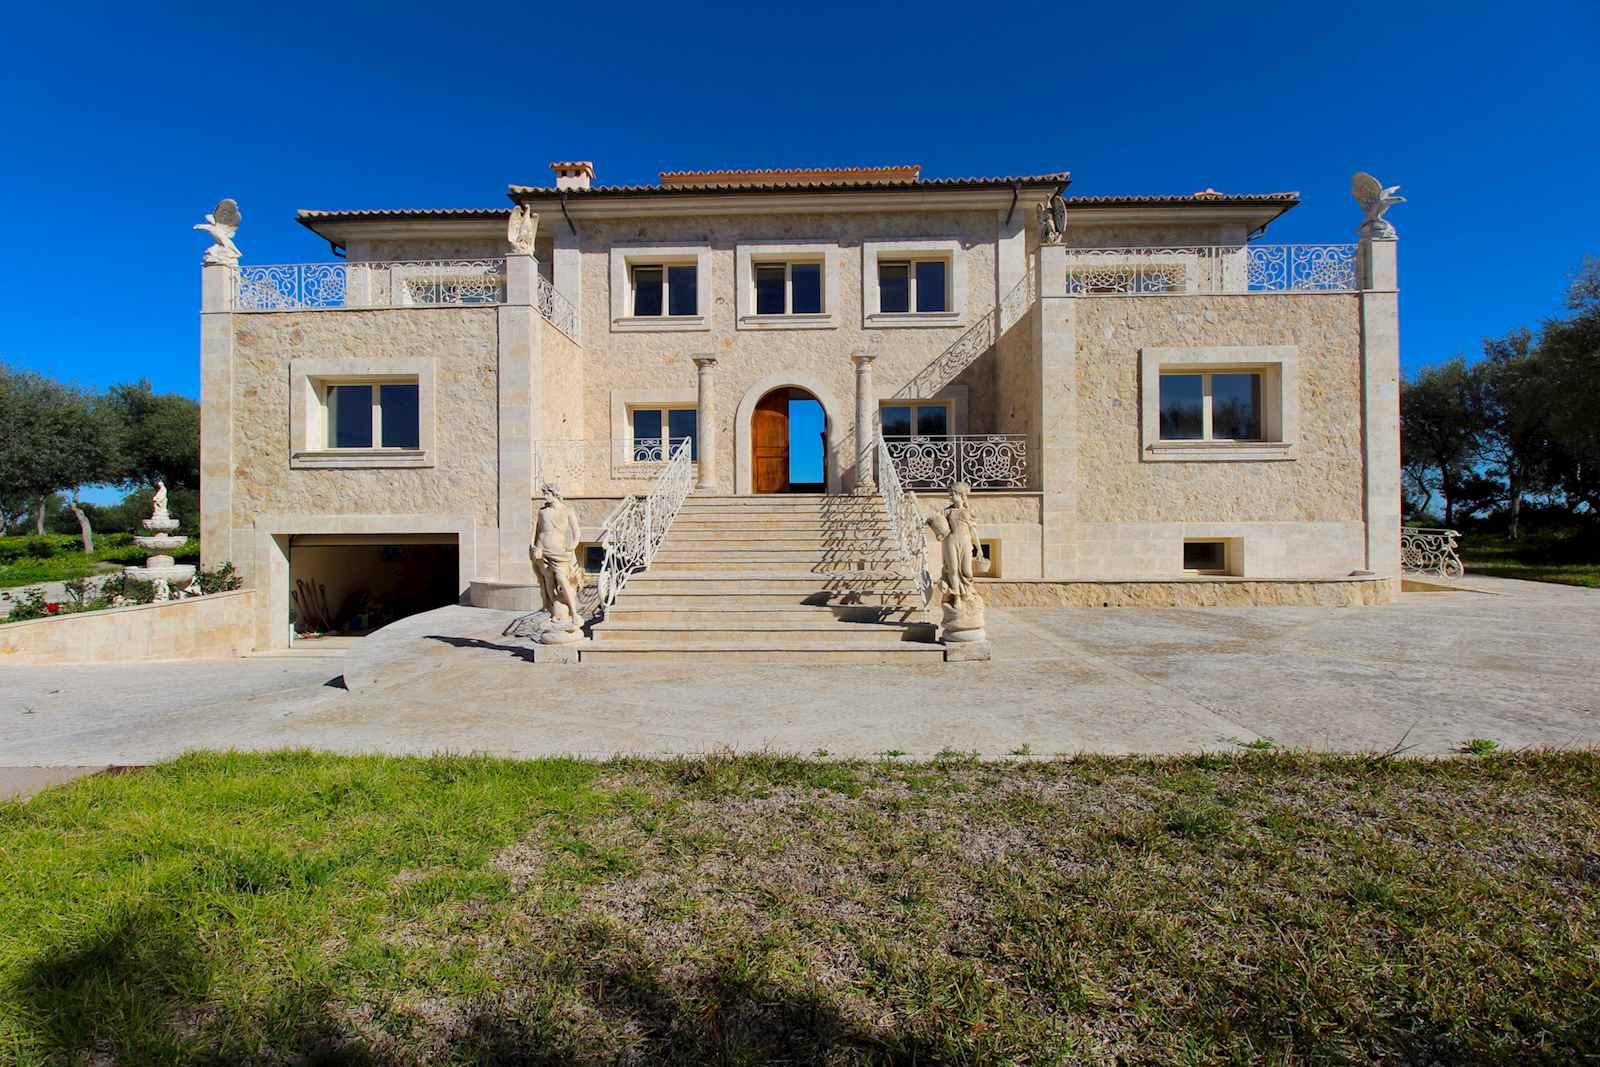 Terreno/Finca Rústica en Muro en venta - 4.000.000 € (Ref: 3890874)